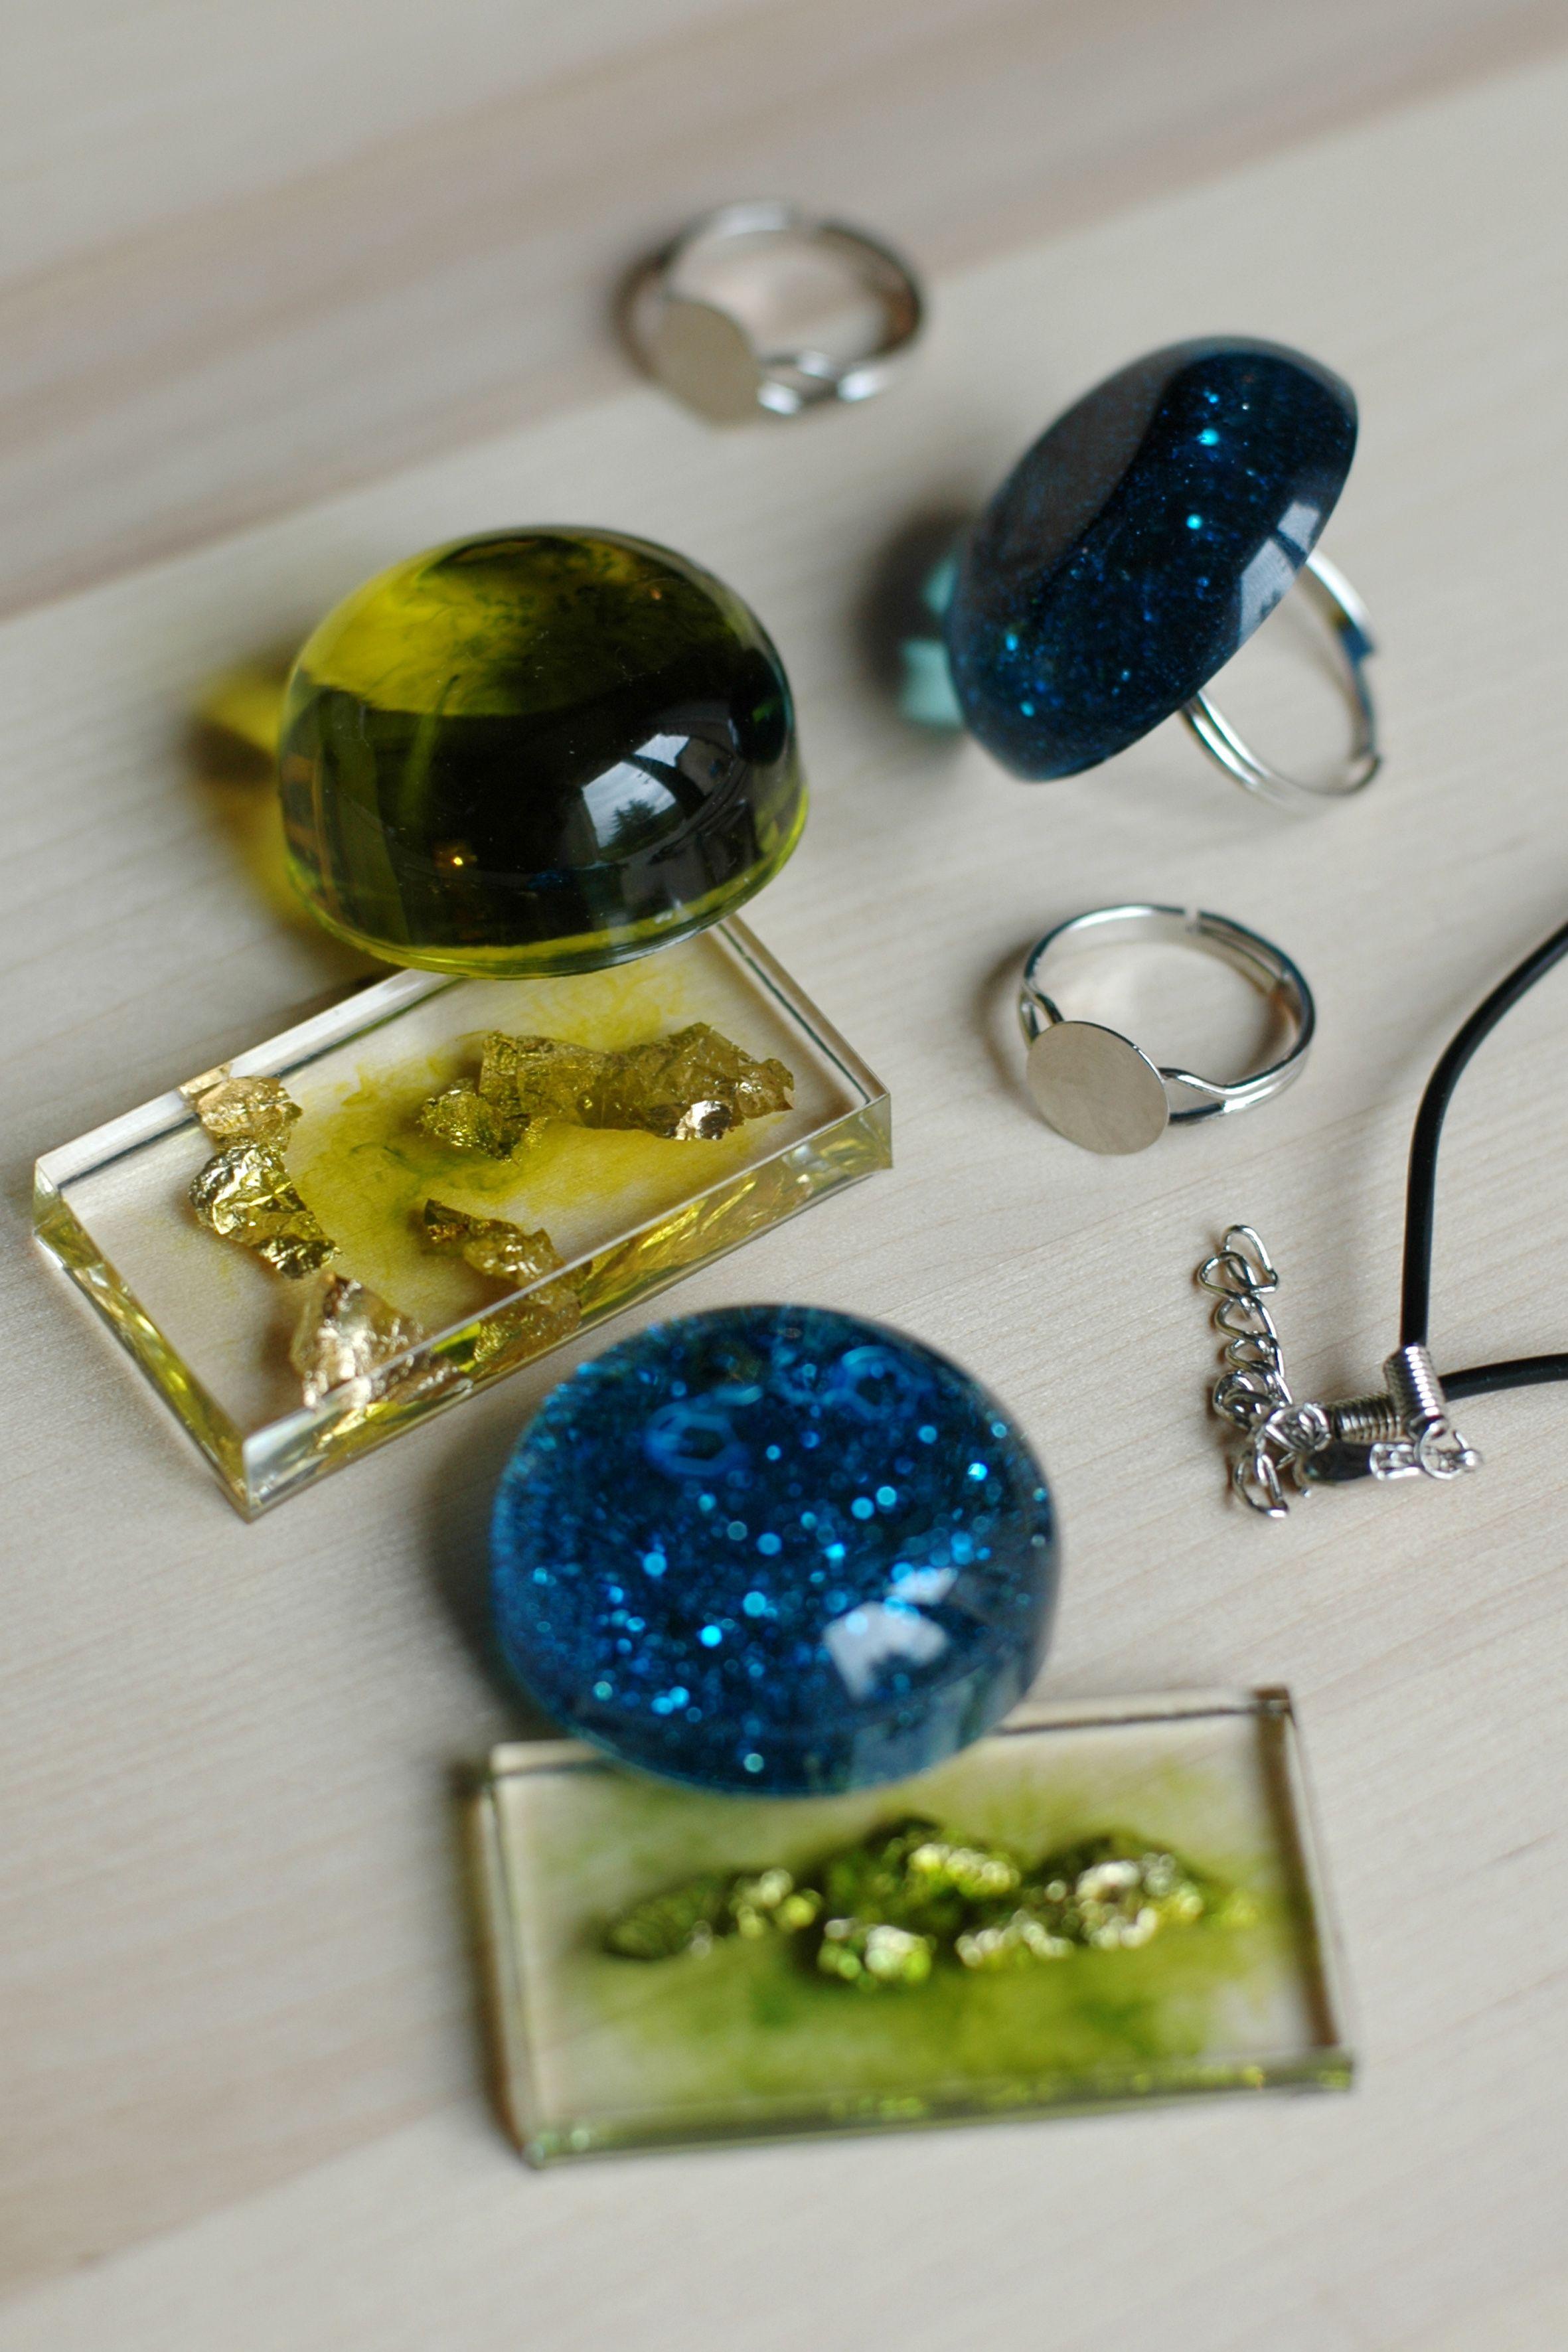 Bijoux translucides faits avec de la r sine cl op tre bijoux en r sine cr ations et - Bijoux en resine ...